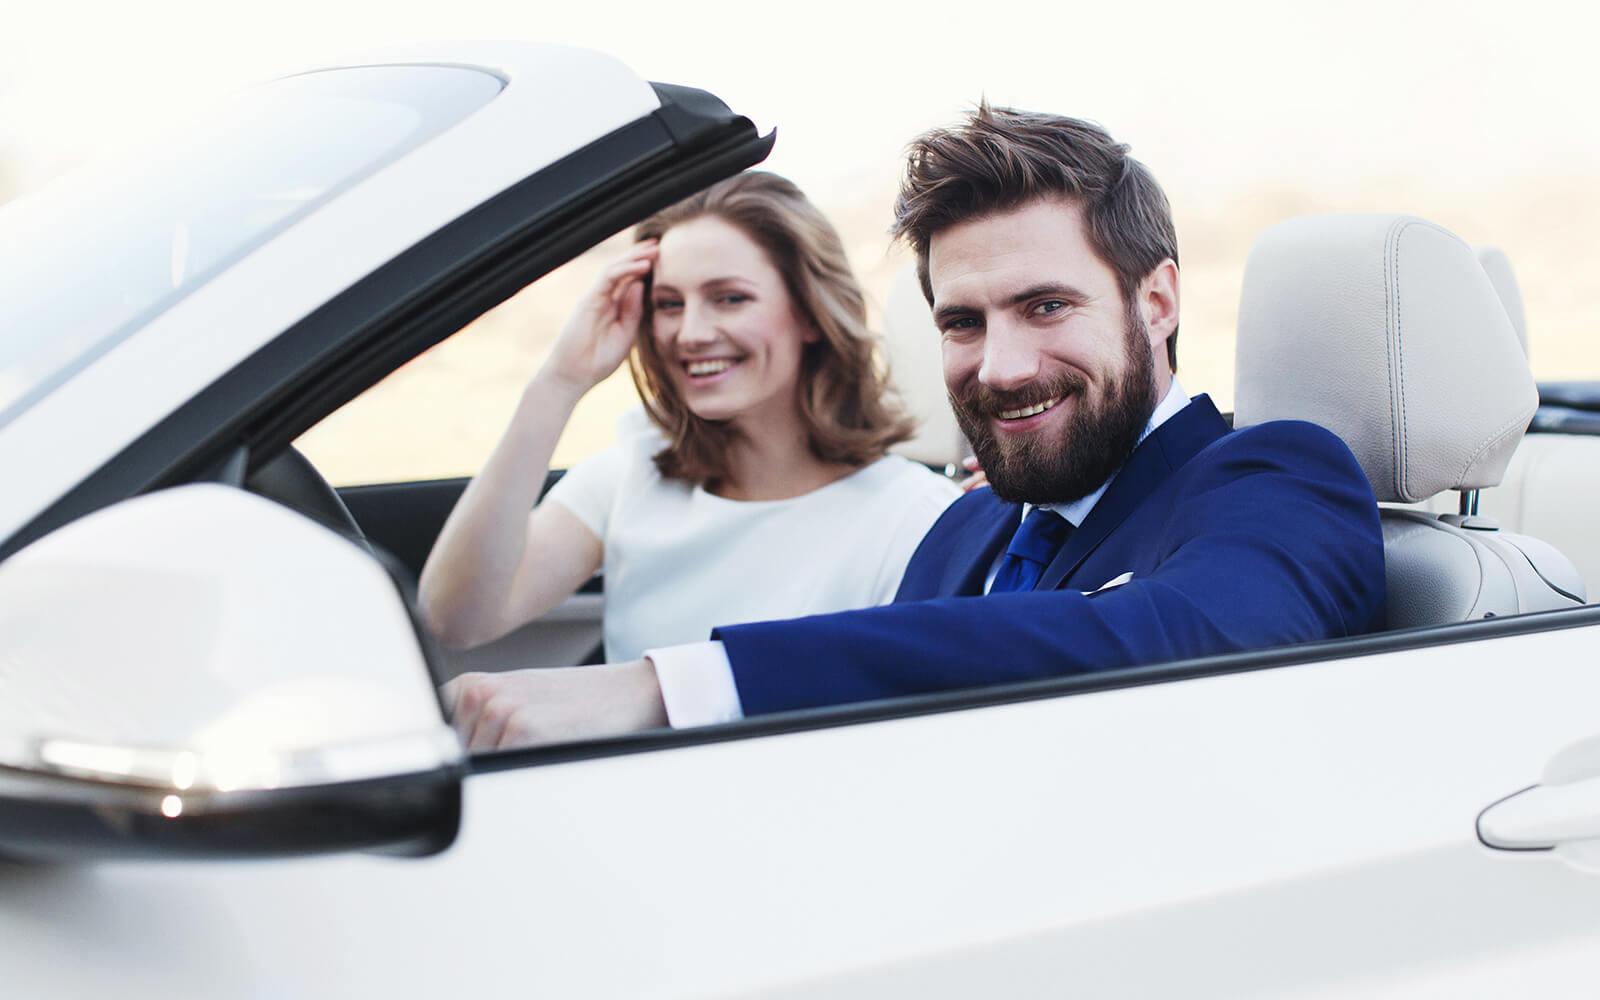 BMW na weekend za zakup zestawu ubrań @ Bytom